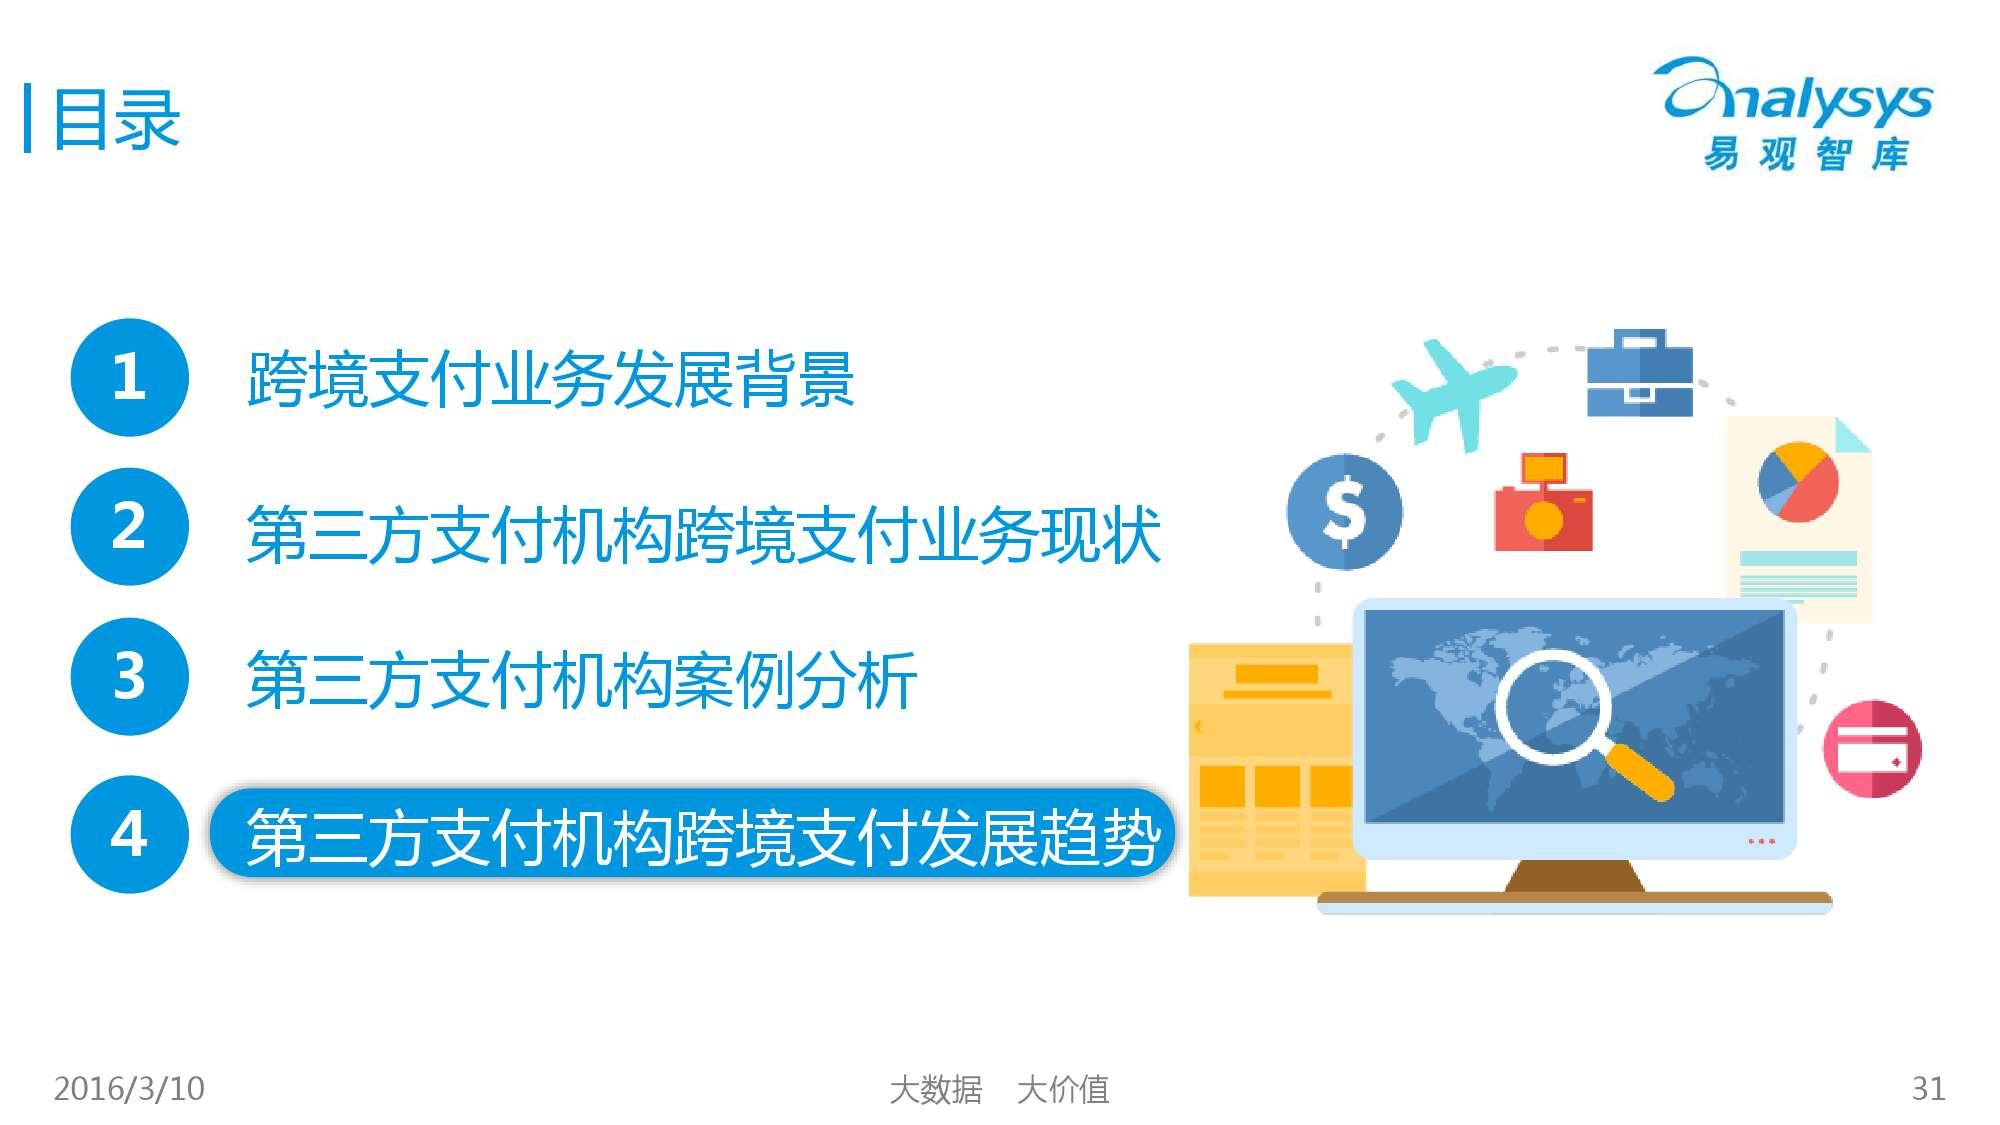 中国跨境支付市场专题研究报告2016_000031